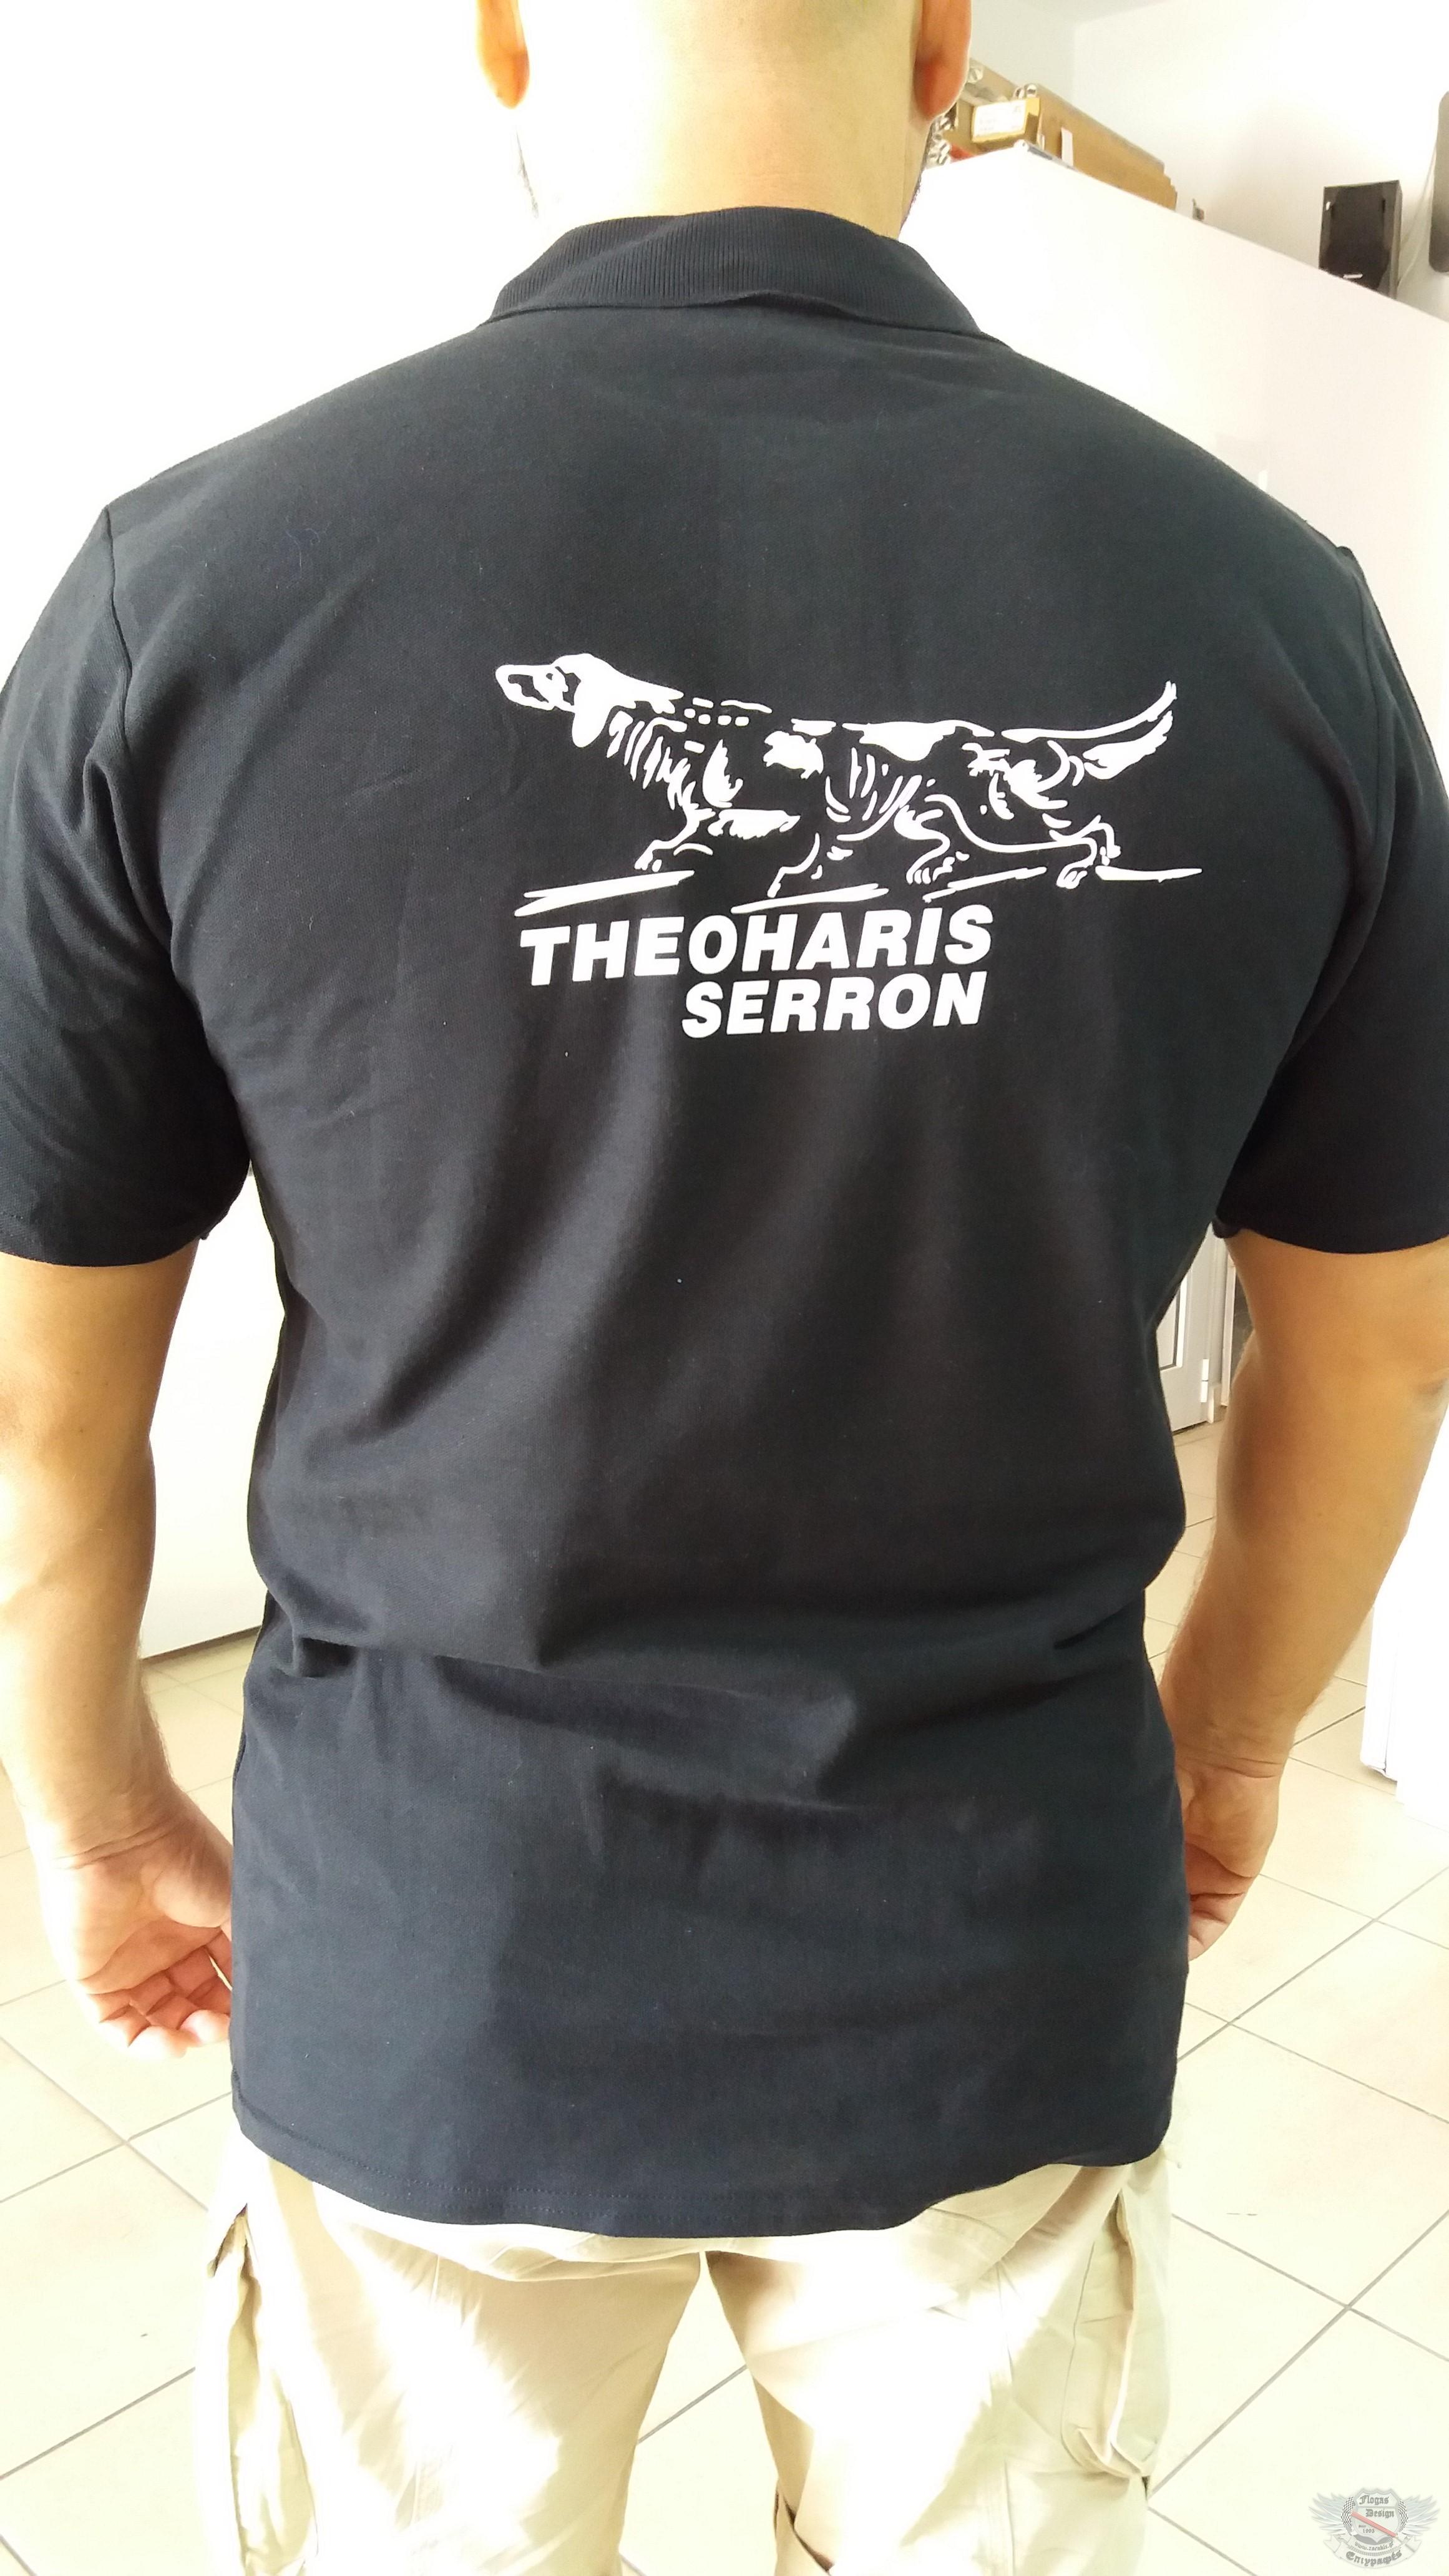 print for tshirt, logo on tshirt, εκτύπωση σε μπλούζα